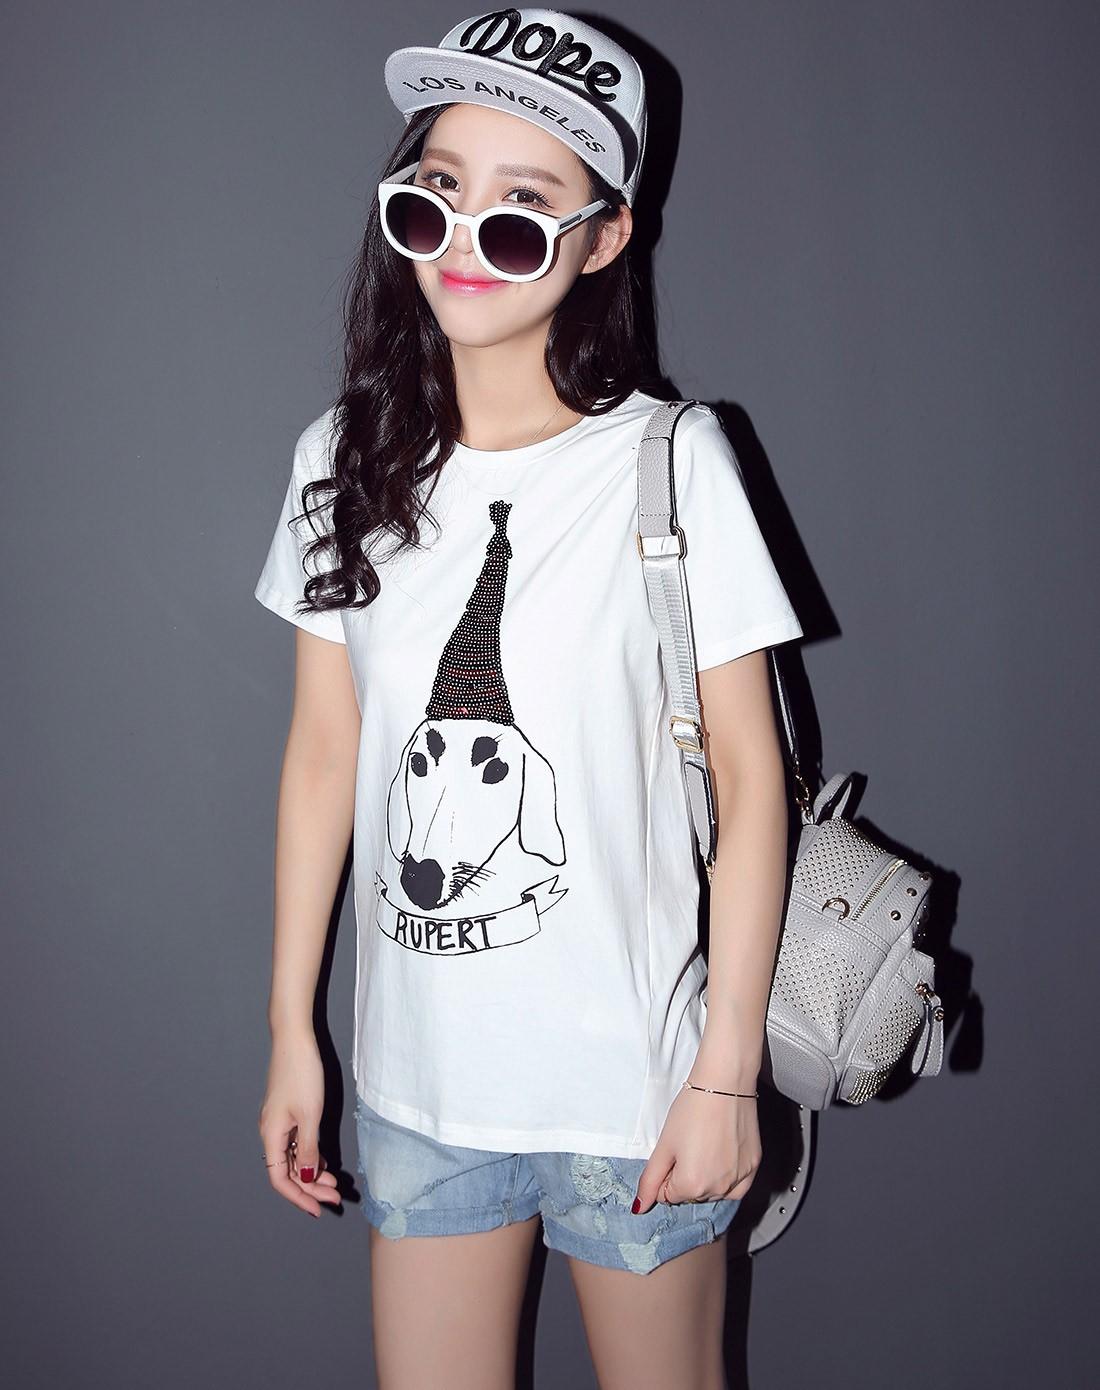 七格格旗下品牌白色创意动物印花t恤5ma2457l05